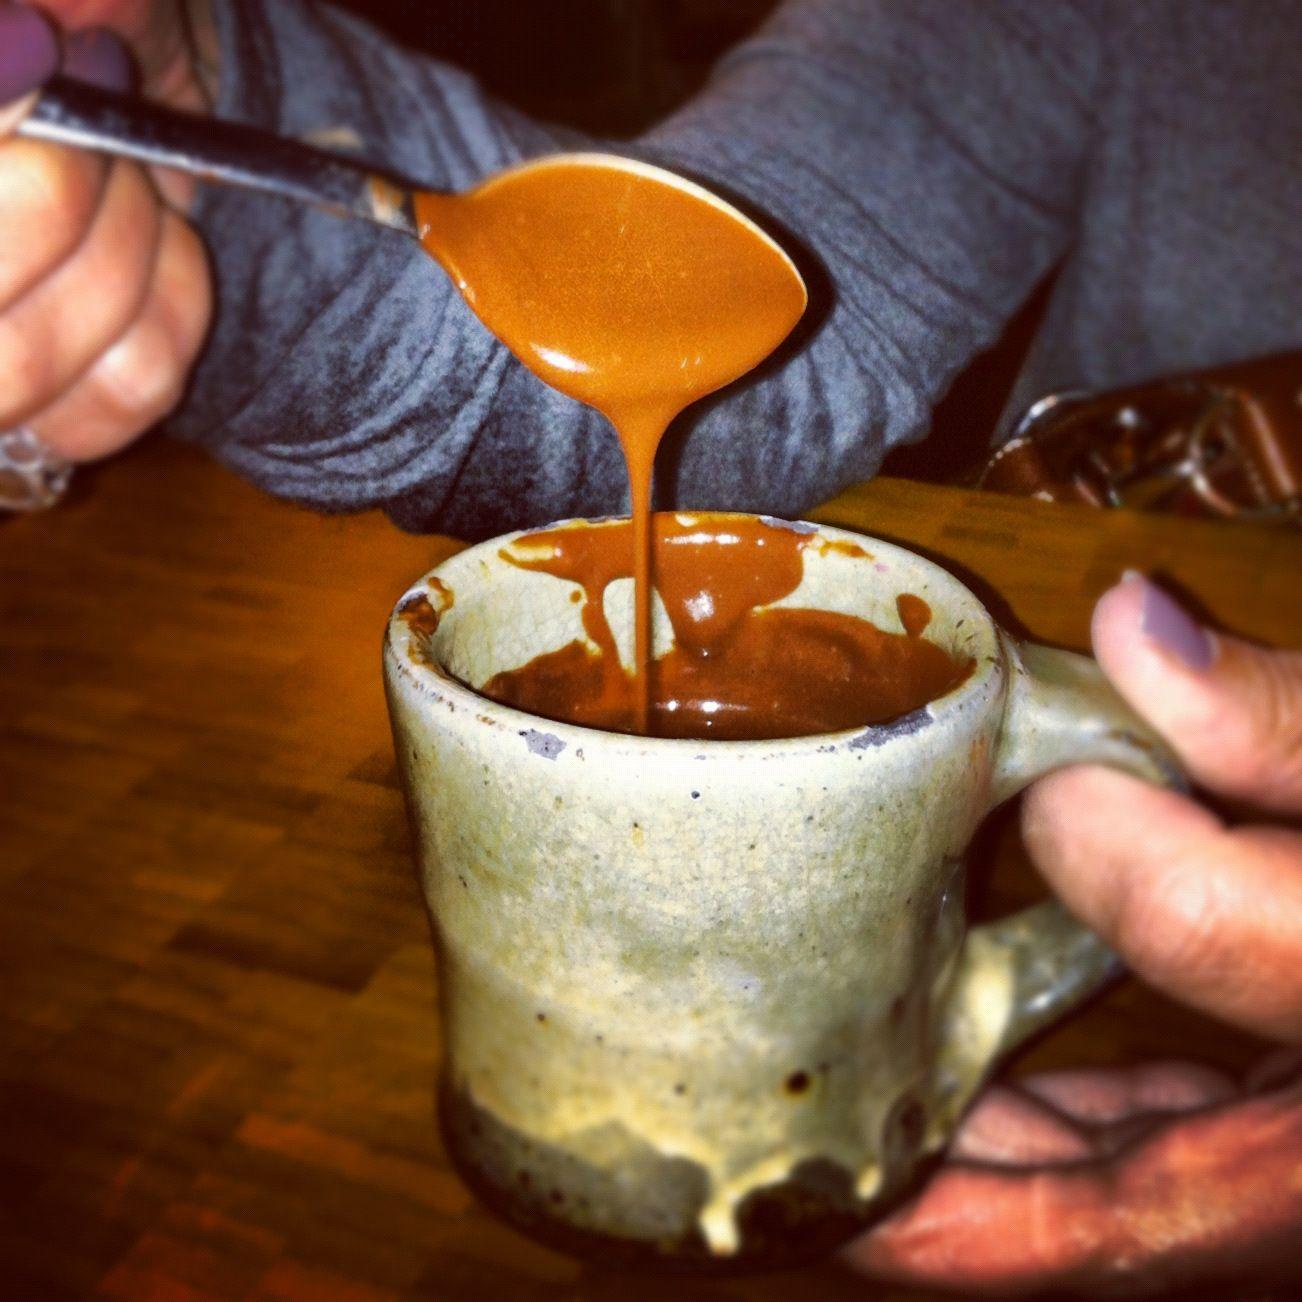 I enjoyed this mini mug of Lavender & Honey Liquid Truffle from ...